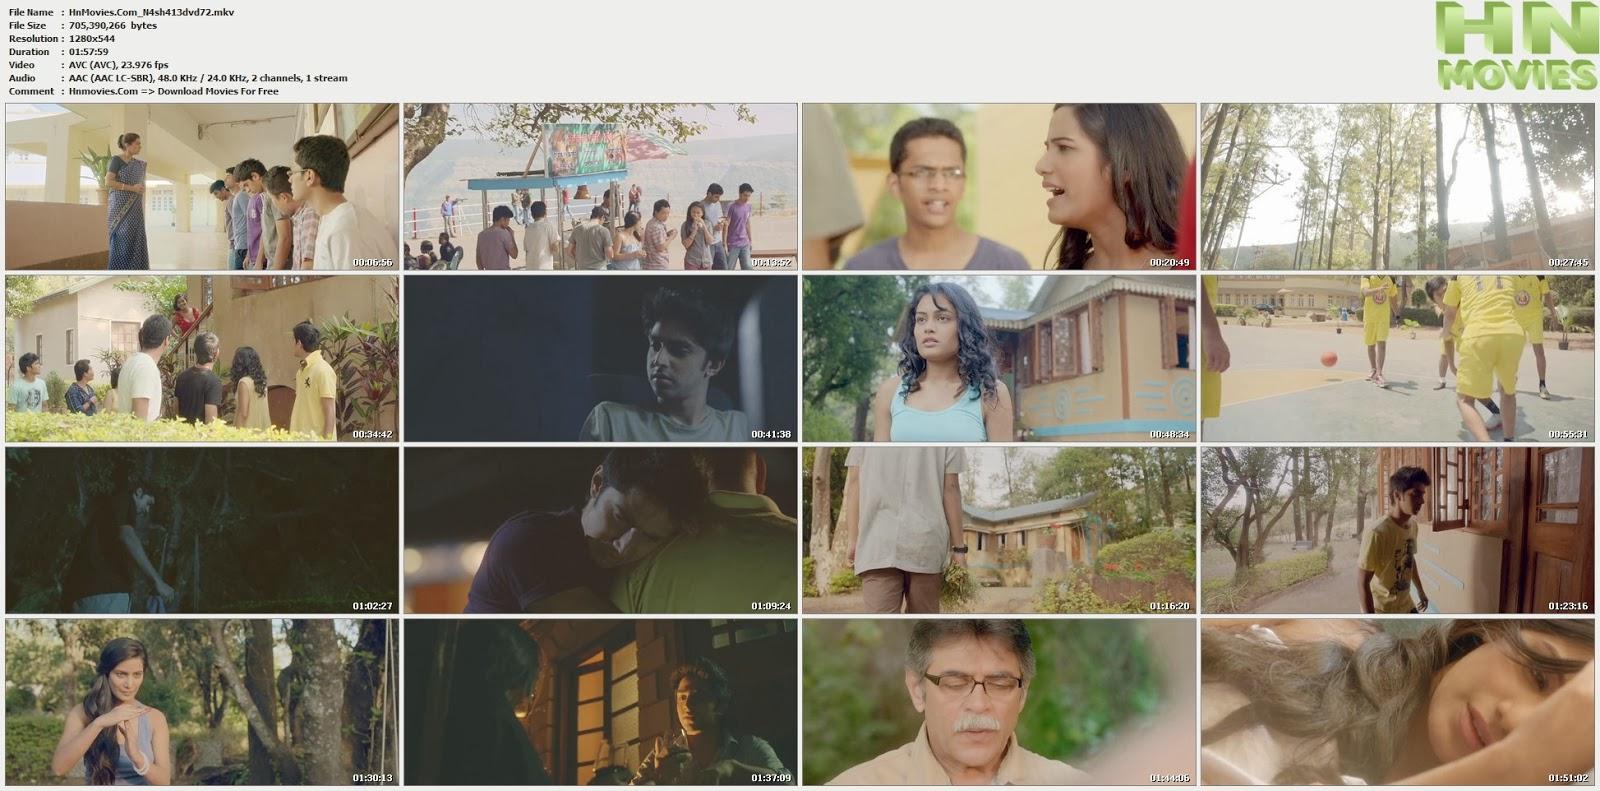 HnMovies.Com N4sh413dvd72.mkv